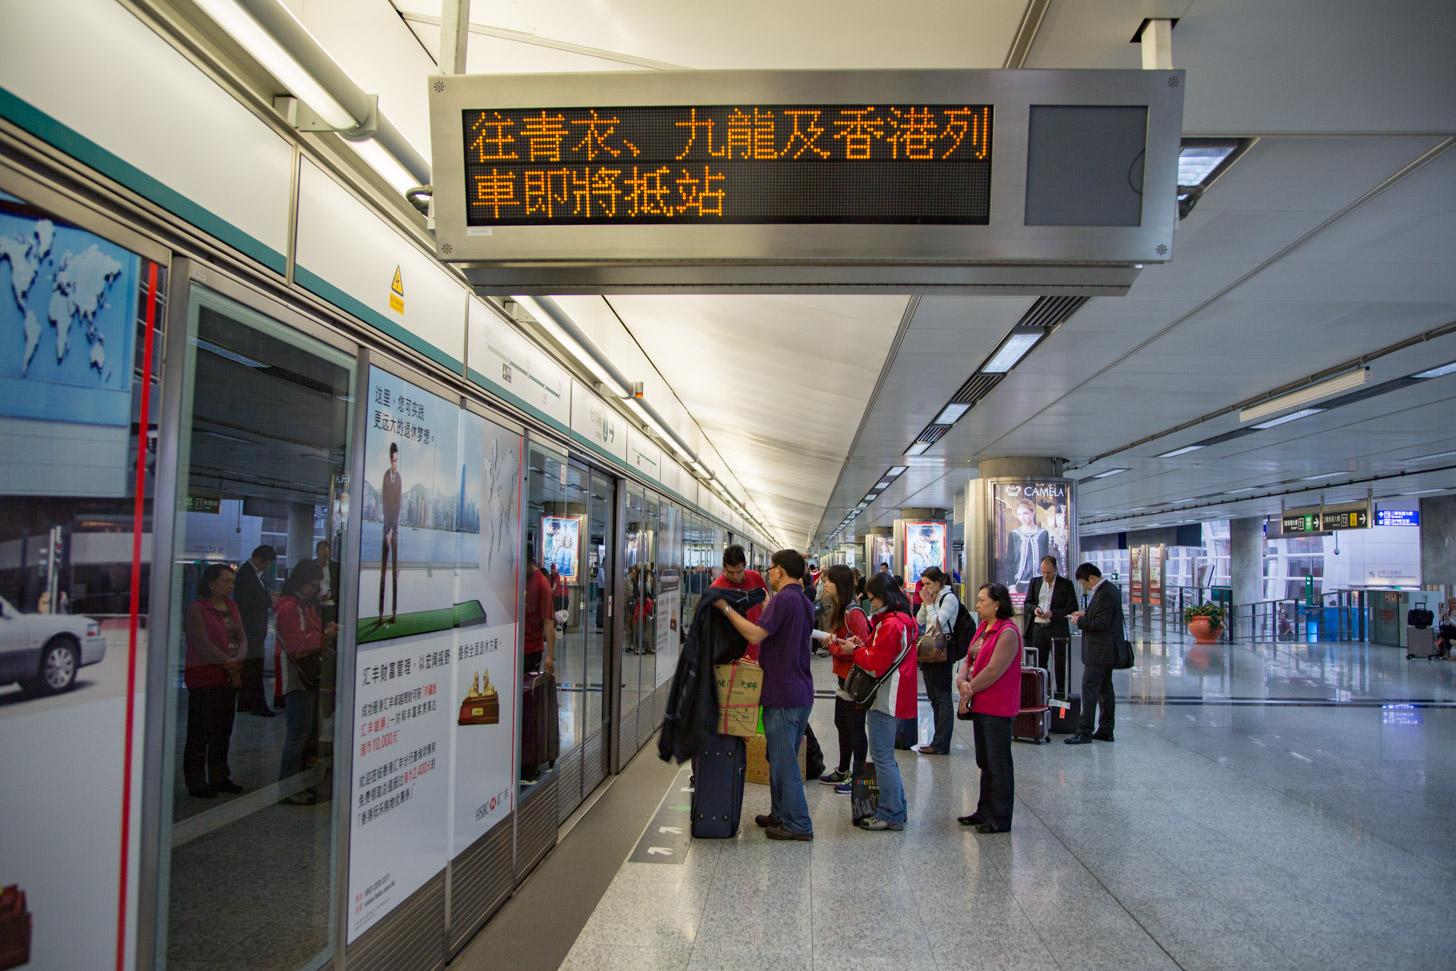 Met het openbaar vervoer reis je in 20 minuten naar de stad